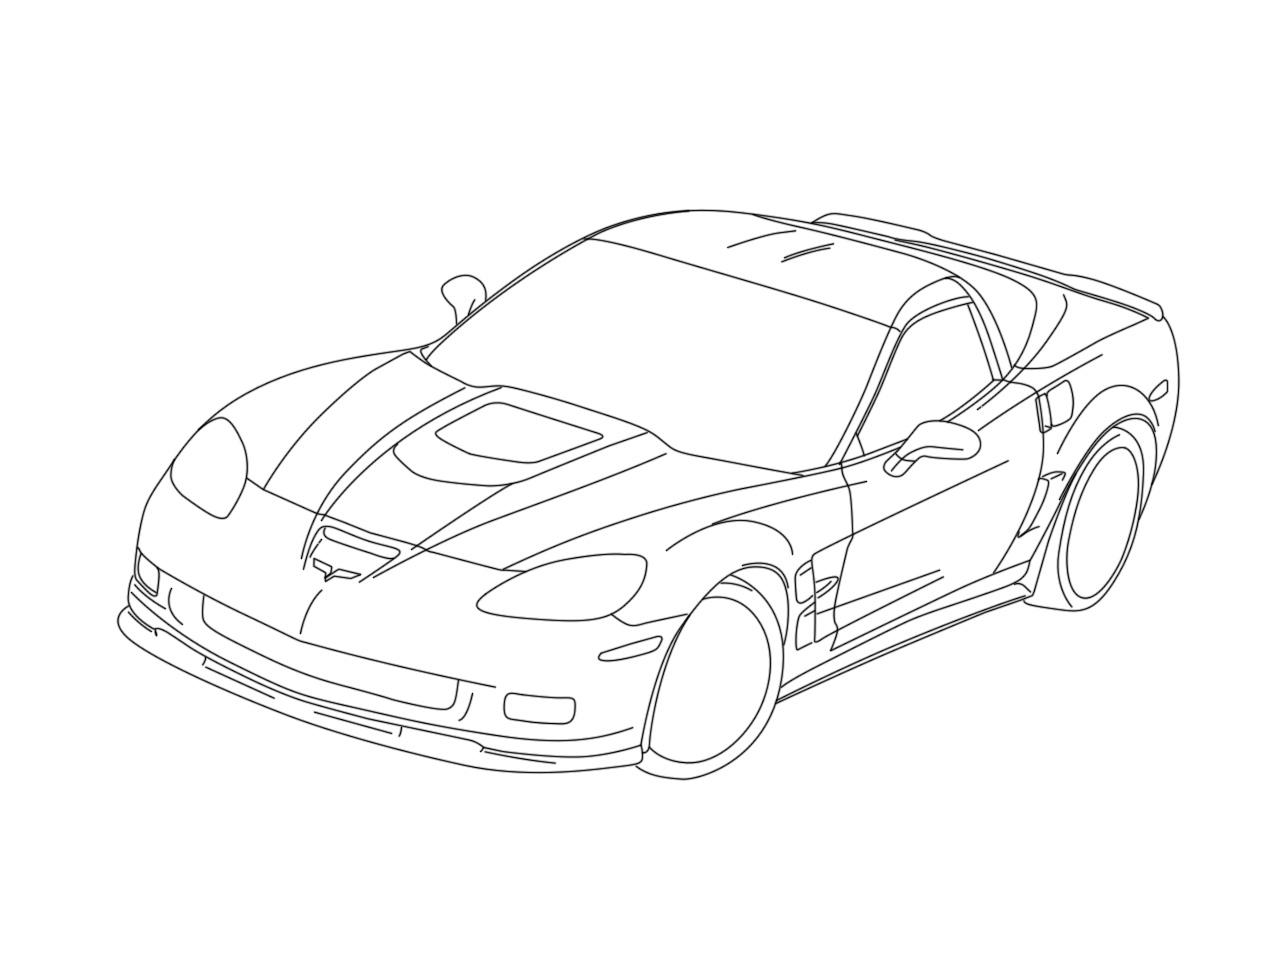 Evs Chevrolet Corvette Coloring Page Corvette Car .html